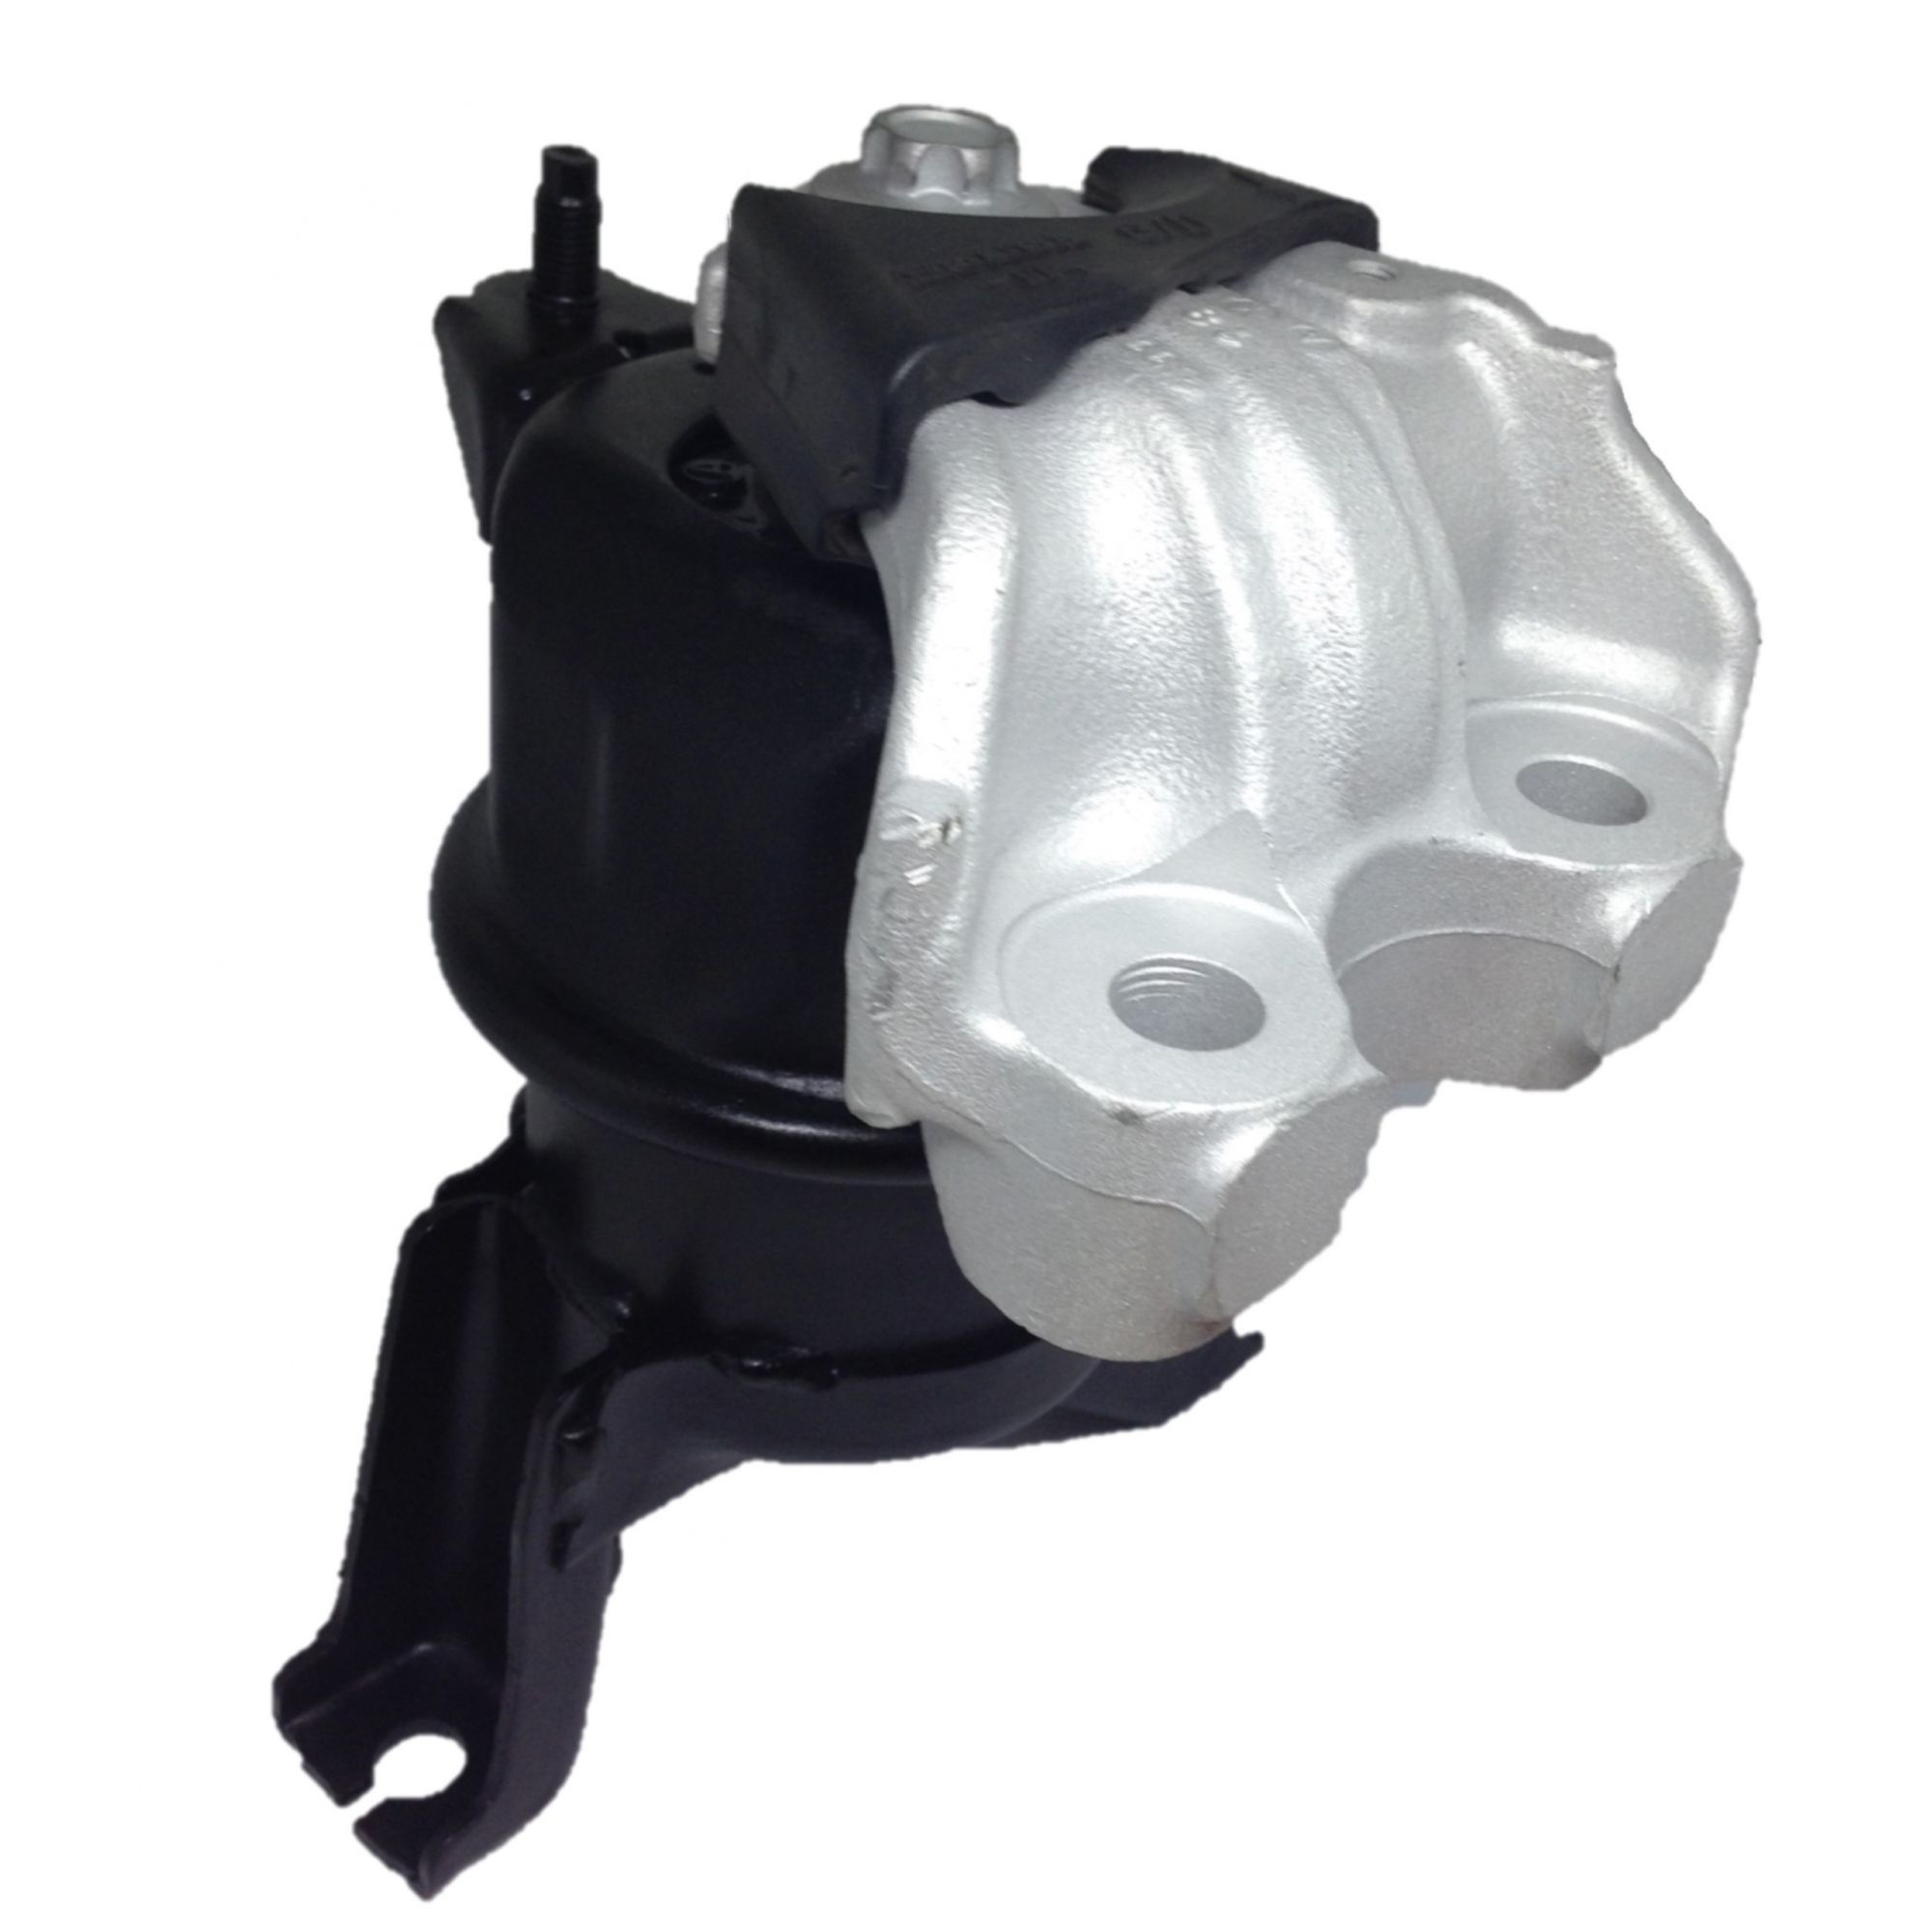 Coxim Motor Direito Hidraulico Civic 2012 2013 2014 2015 2016 2017